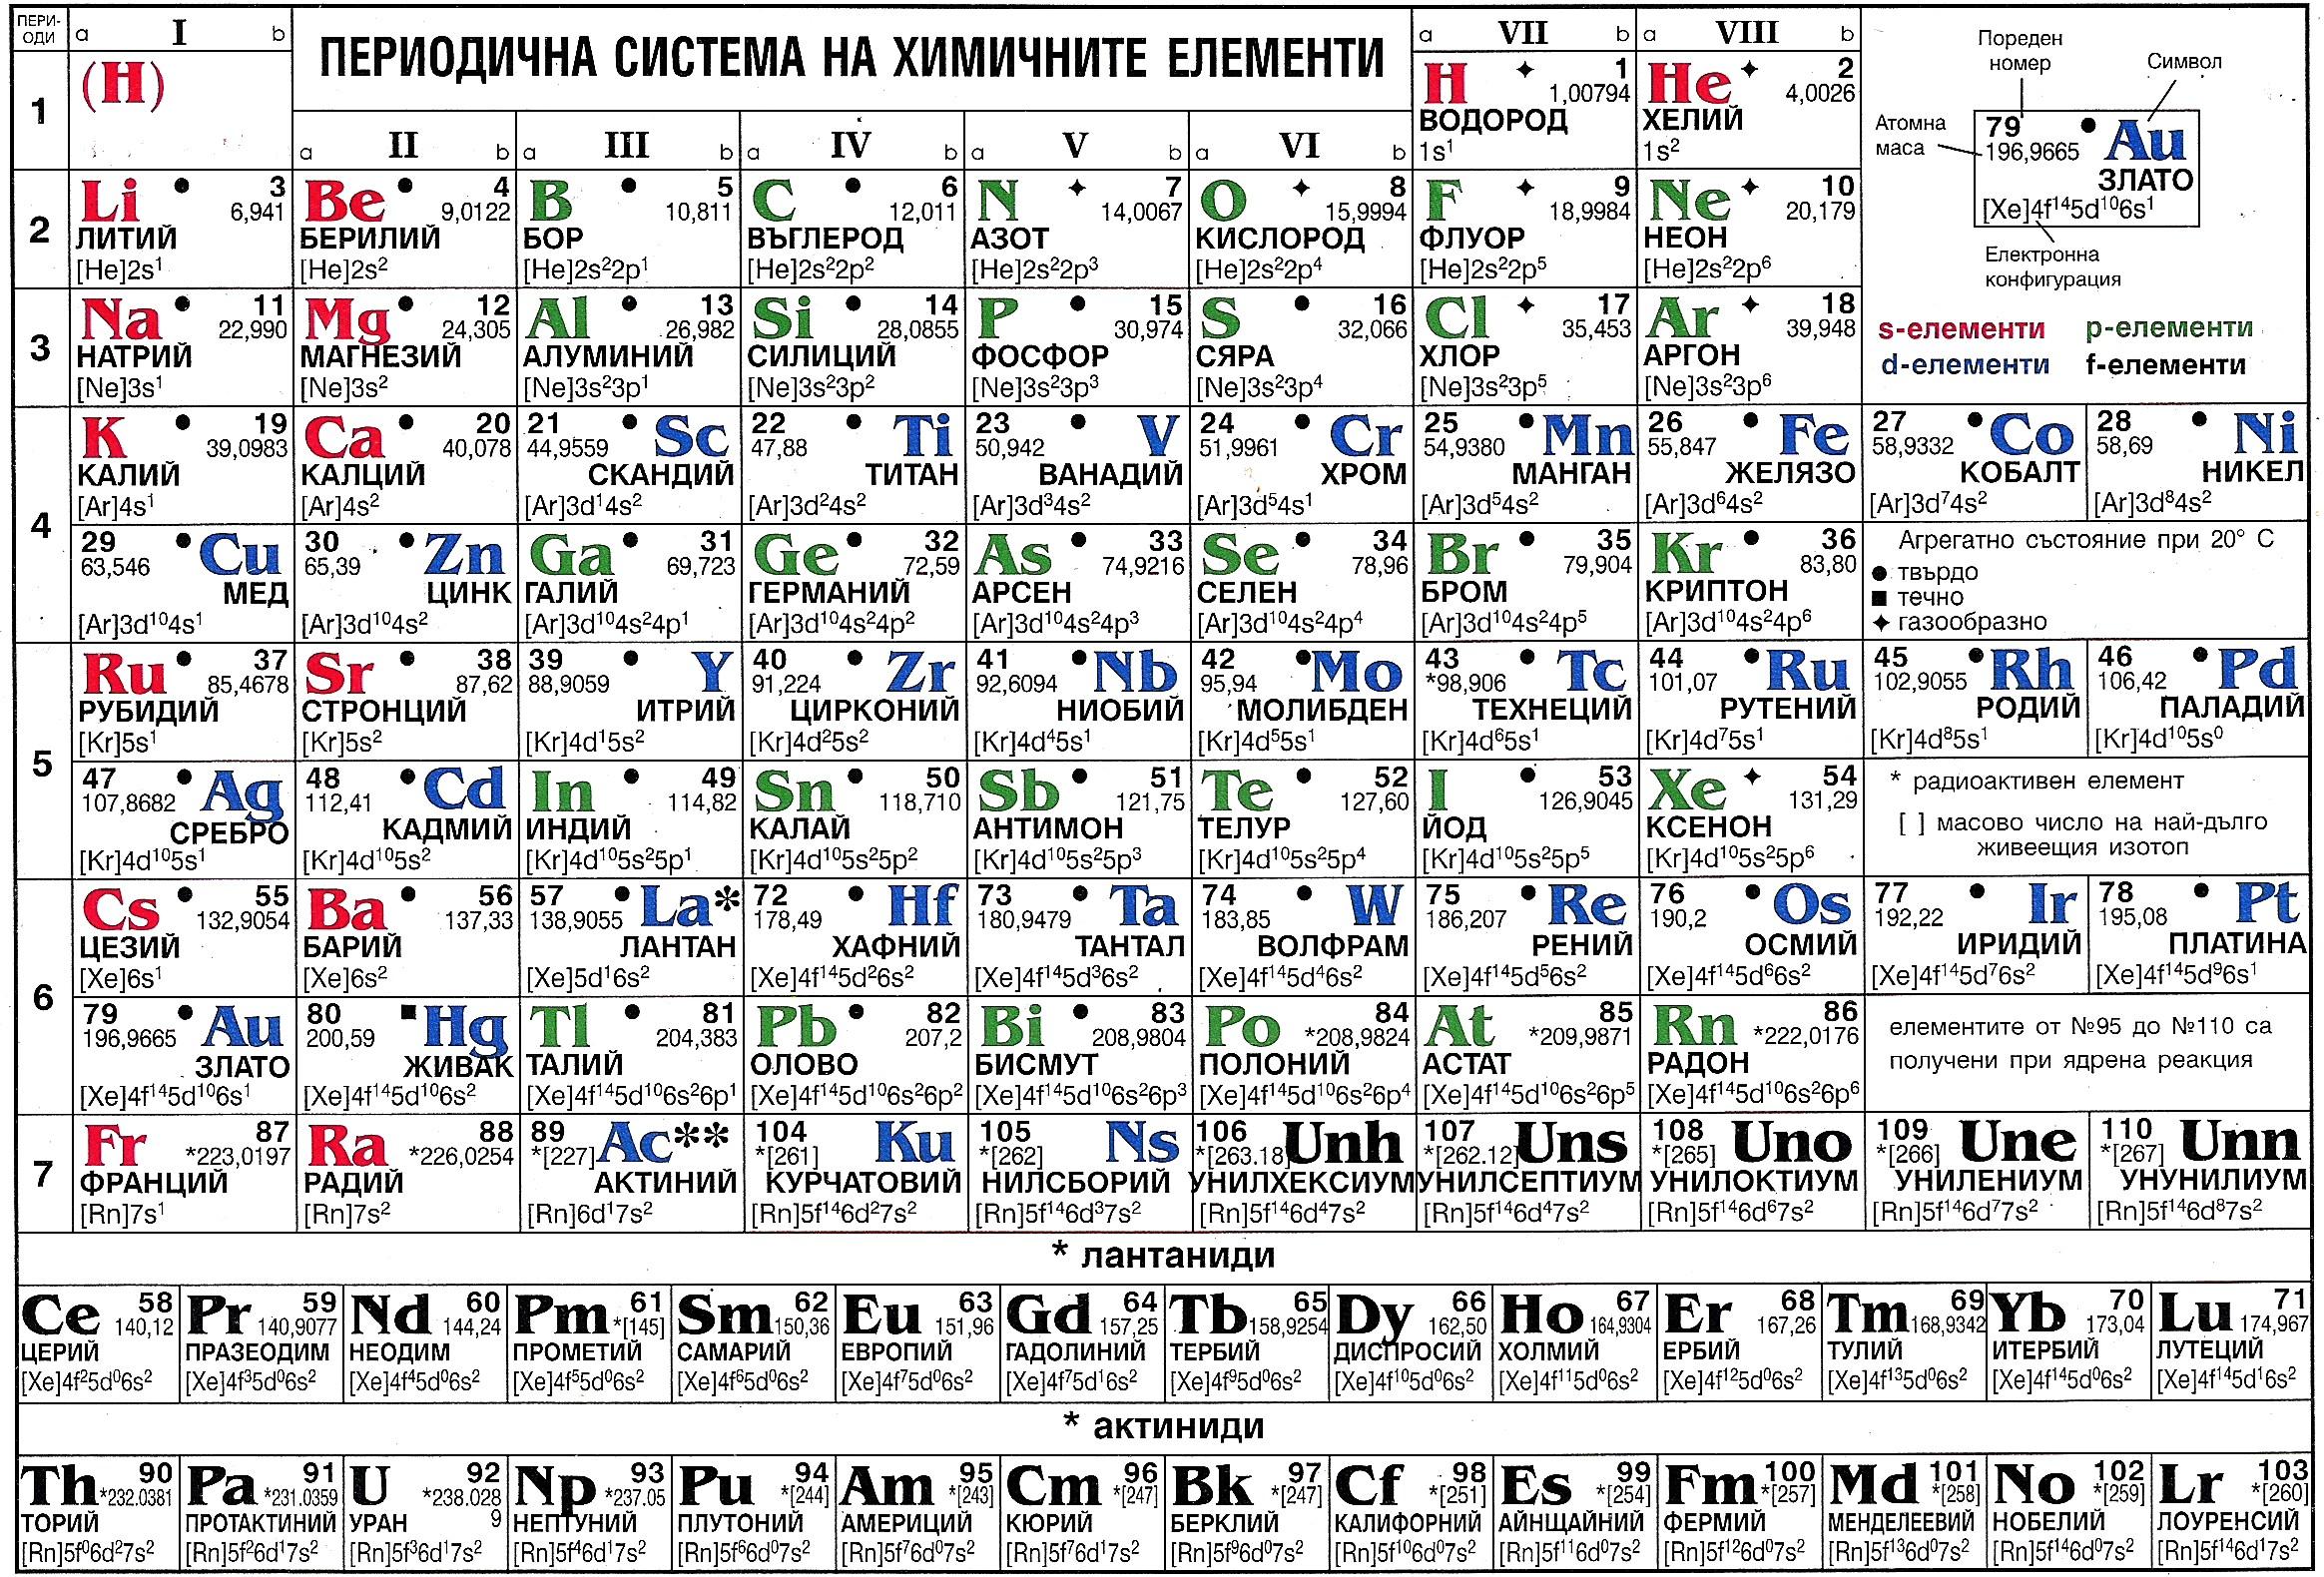 Периодична система - Менделеевата таблица - химични елементи